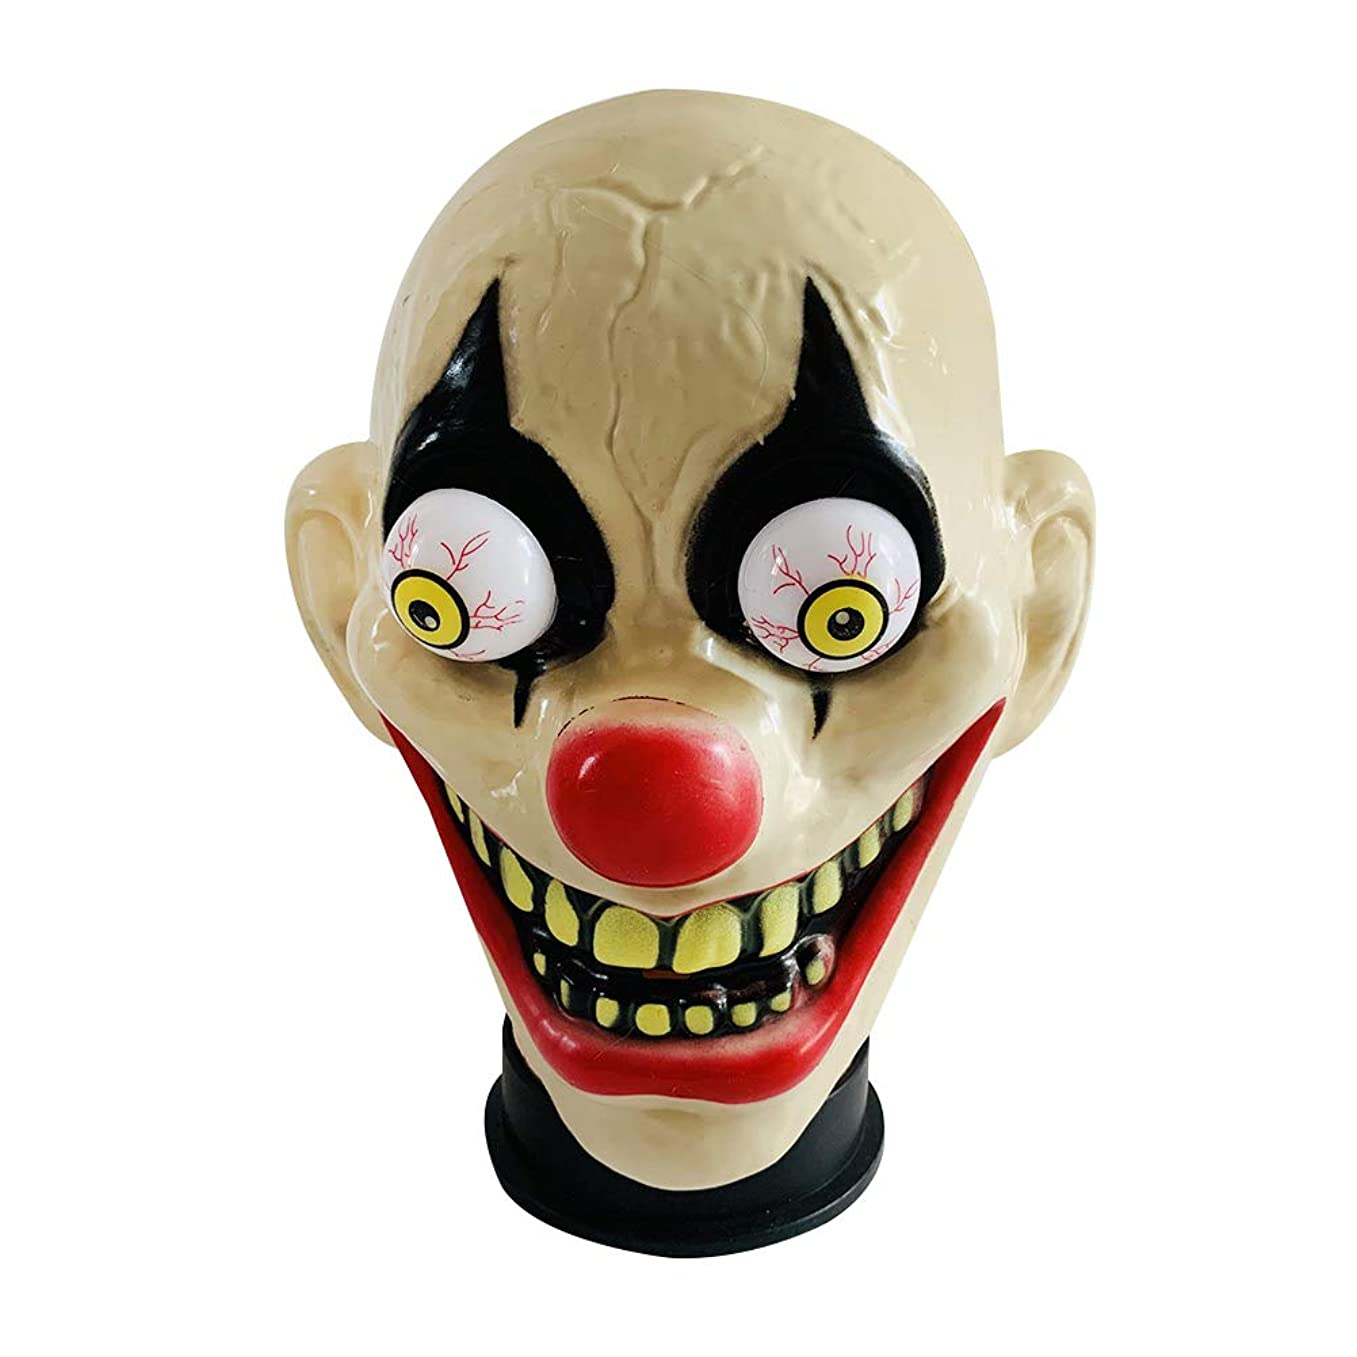 除去杭ポゴスティックジャンプBESTOYARD ハロウィーン怖いピエロマスクテロホラーピエロヘッドカバーハロウィンコスプレパーティー用男性用マスク(ピエロタイプ)